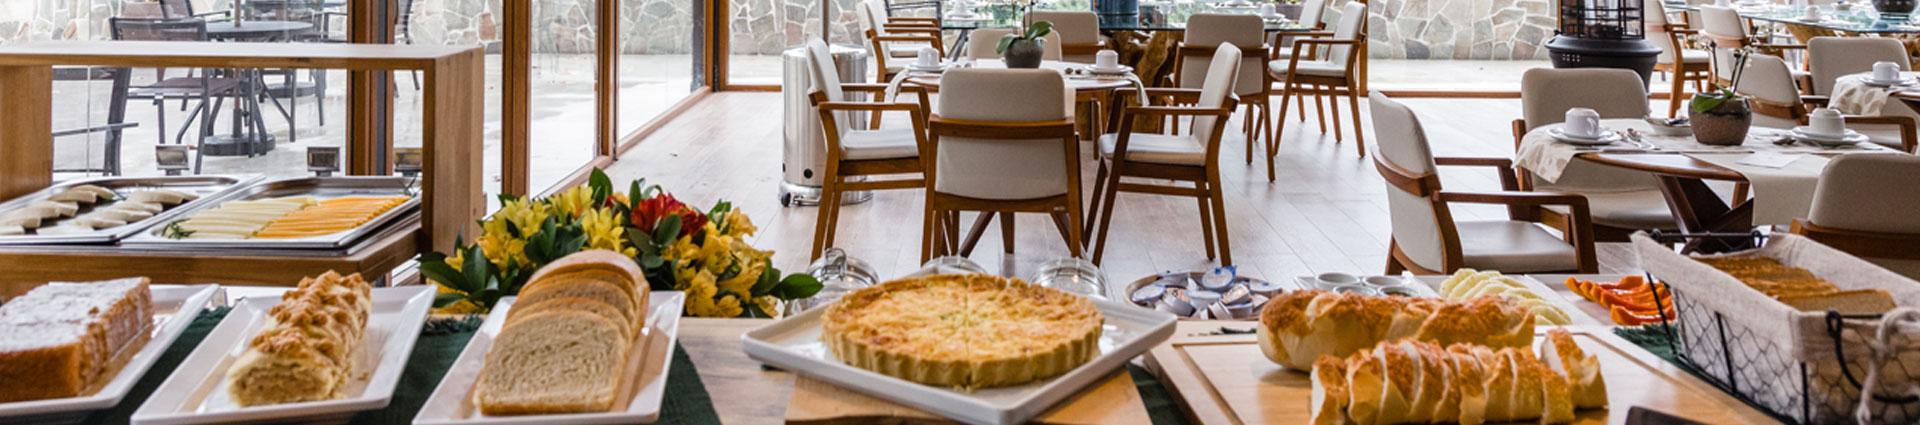 gastronomia-hotel-boutique-quebra-noz-conforto-e-natureza10